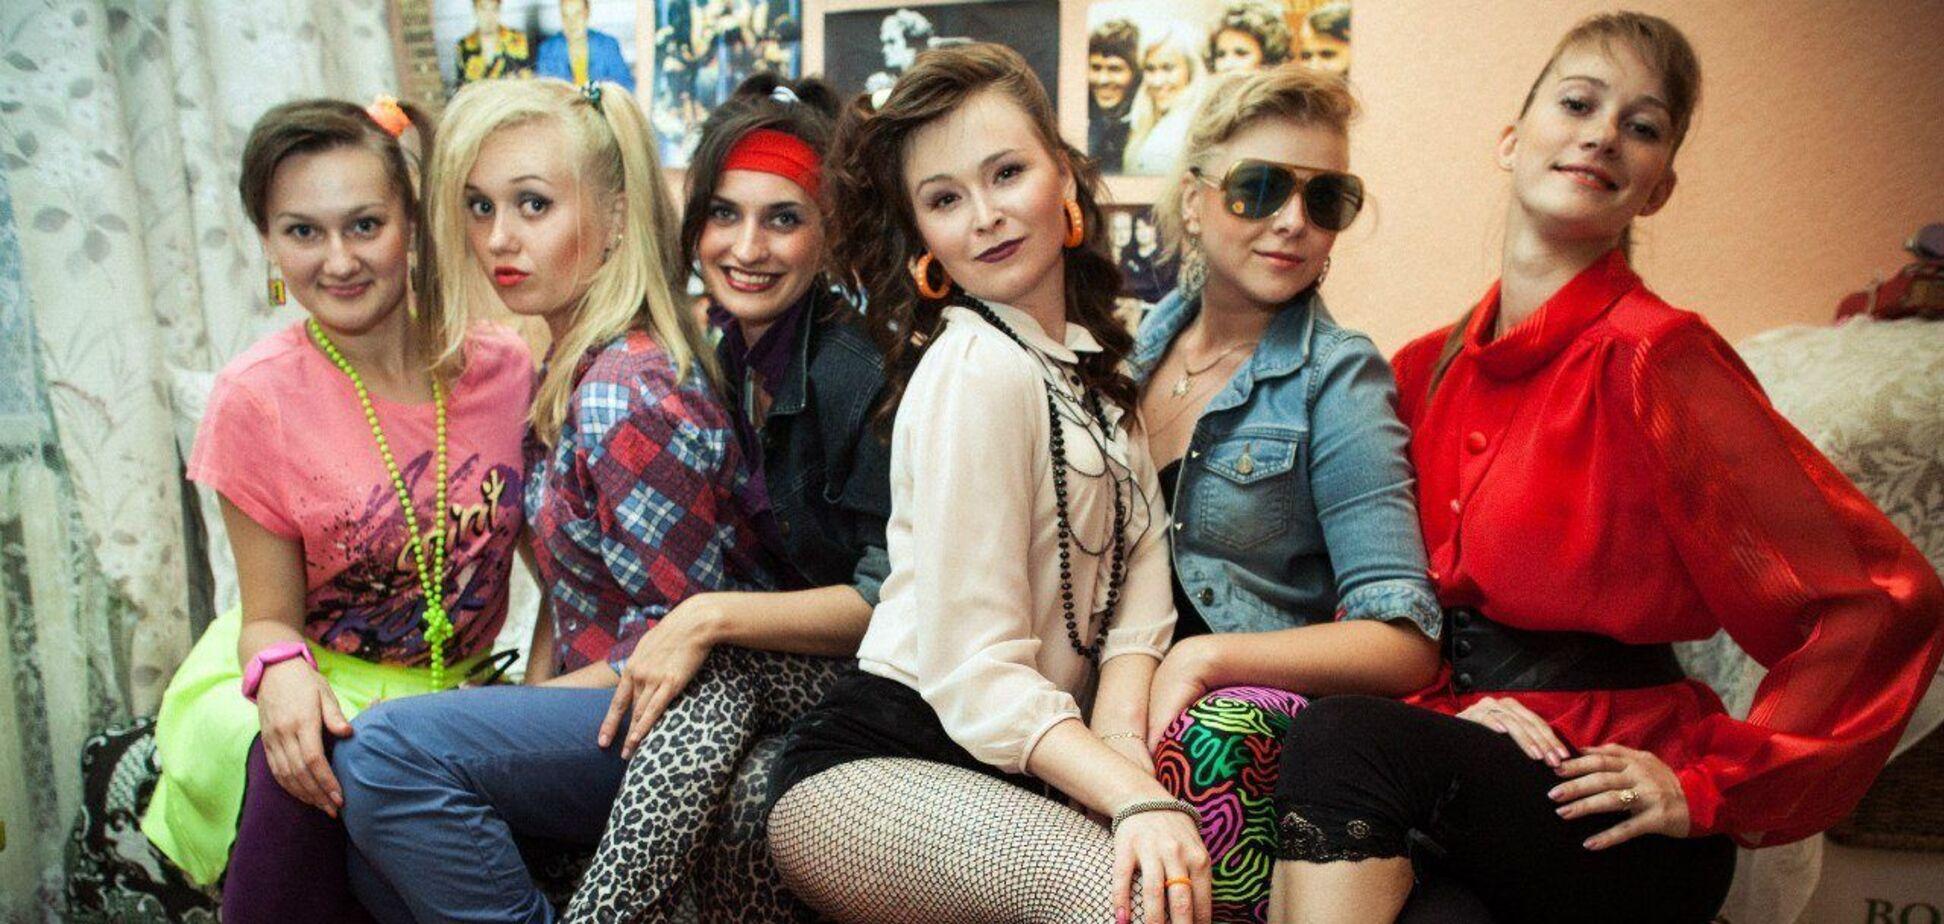 Пост-советская мода 90-х: у всех были 'варенки'?